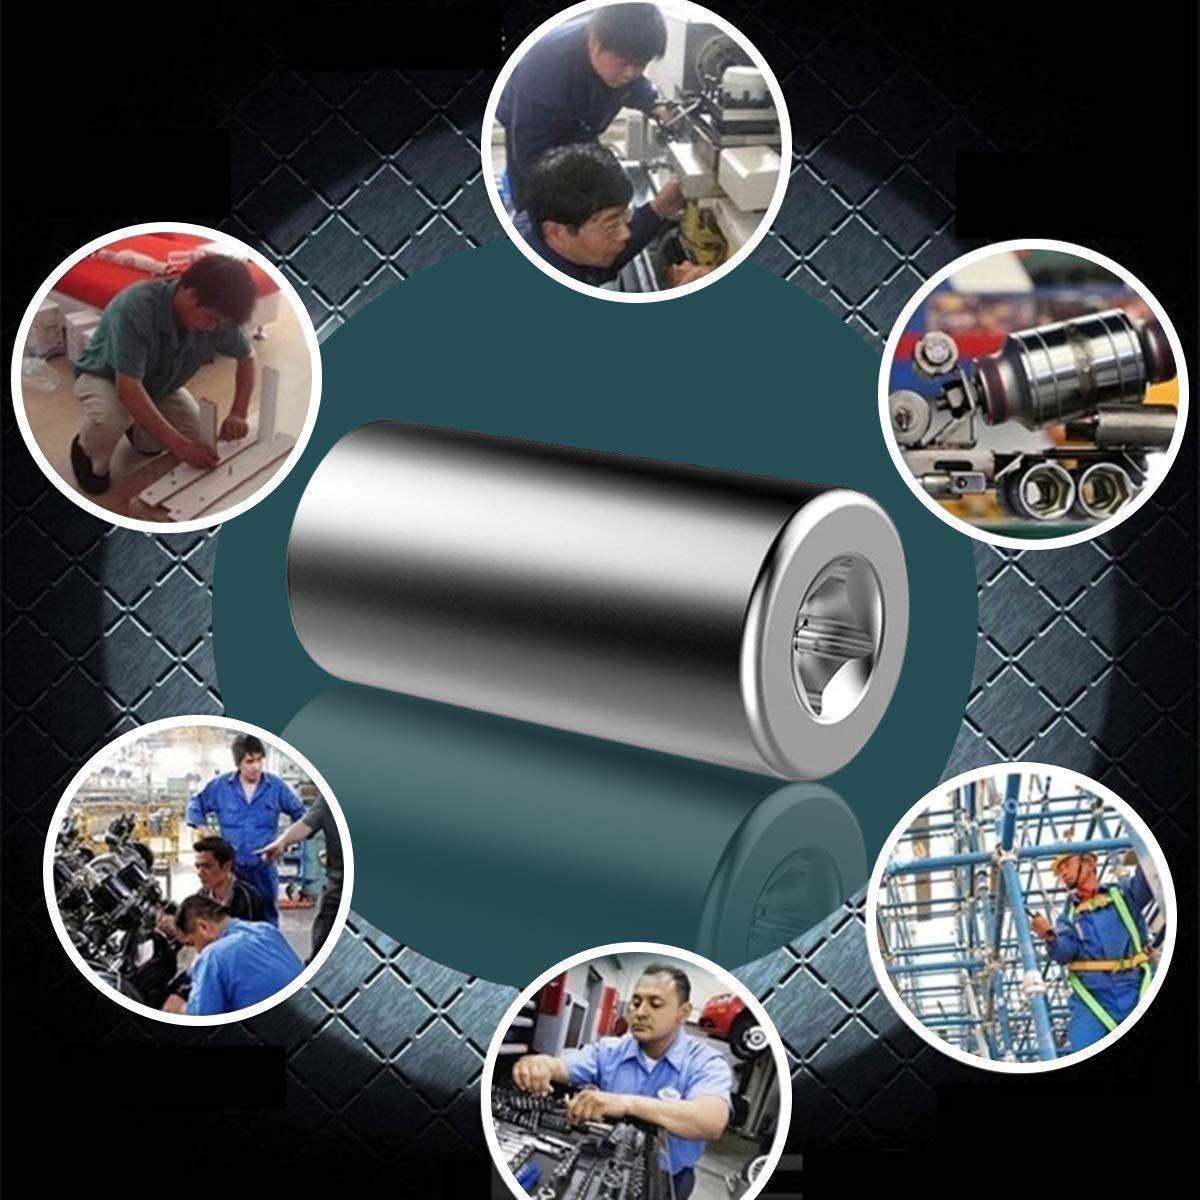 Universal Llave de Vaso 4Pcs 7 a 19 mm Peque/ño Multifuncional con Adaptador Adaptador Hexagonal Herramientas de Reparaci/ón con Adaptador para Taladro El/éctrico